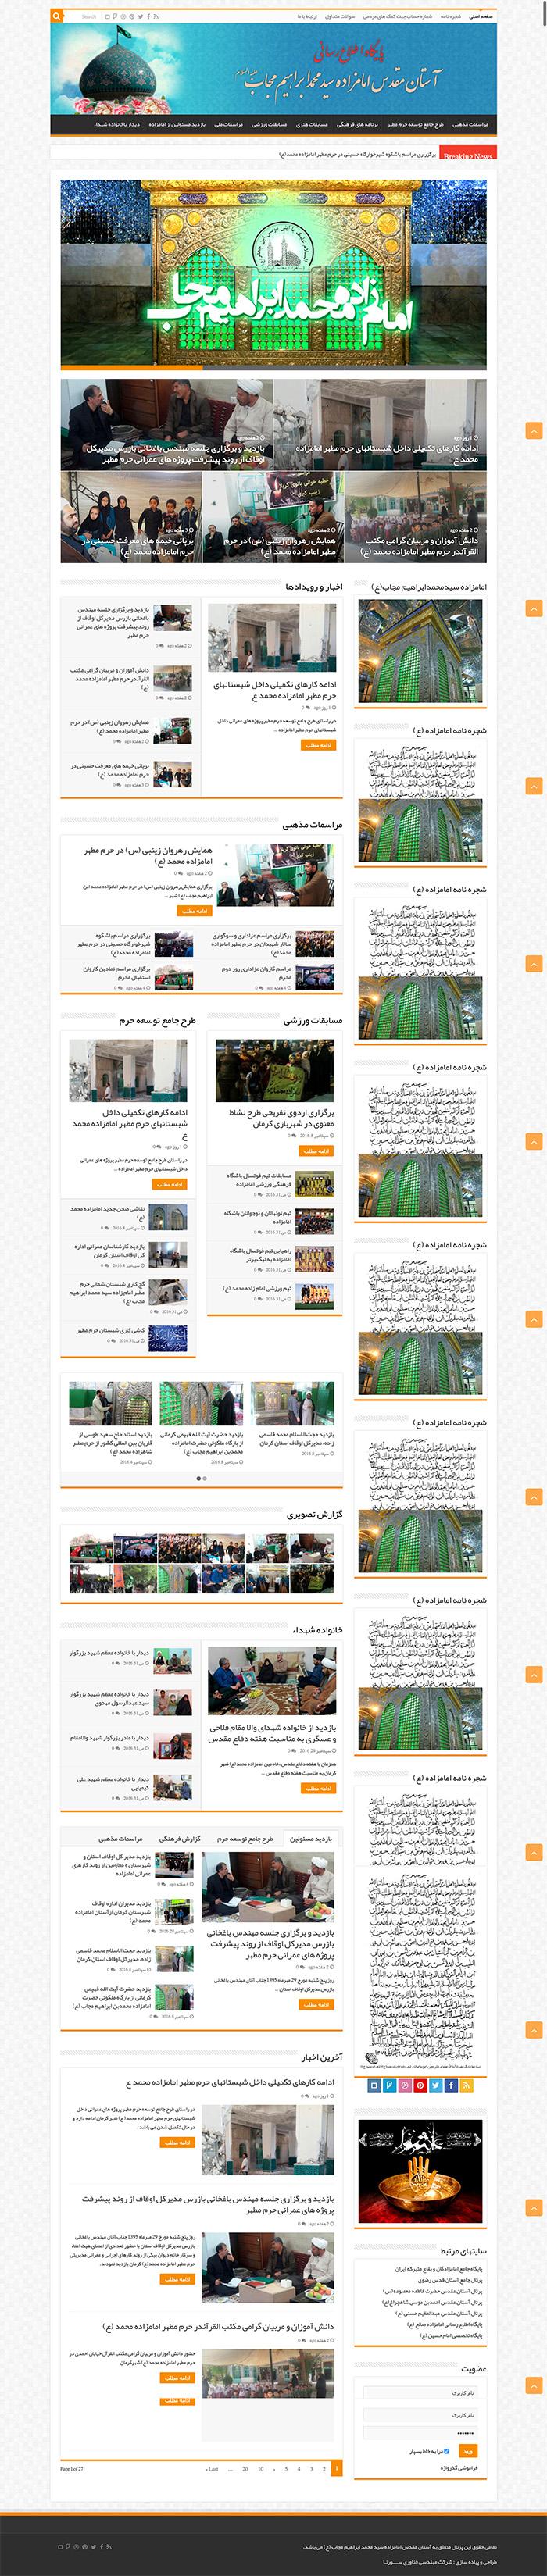 طراحی سایت امام زاده محمد توسط شرکت طراحی سایت سورنا در کرمان